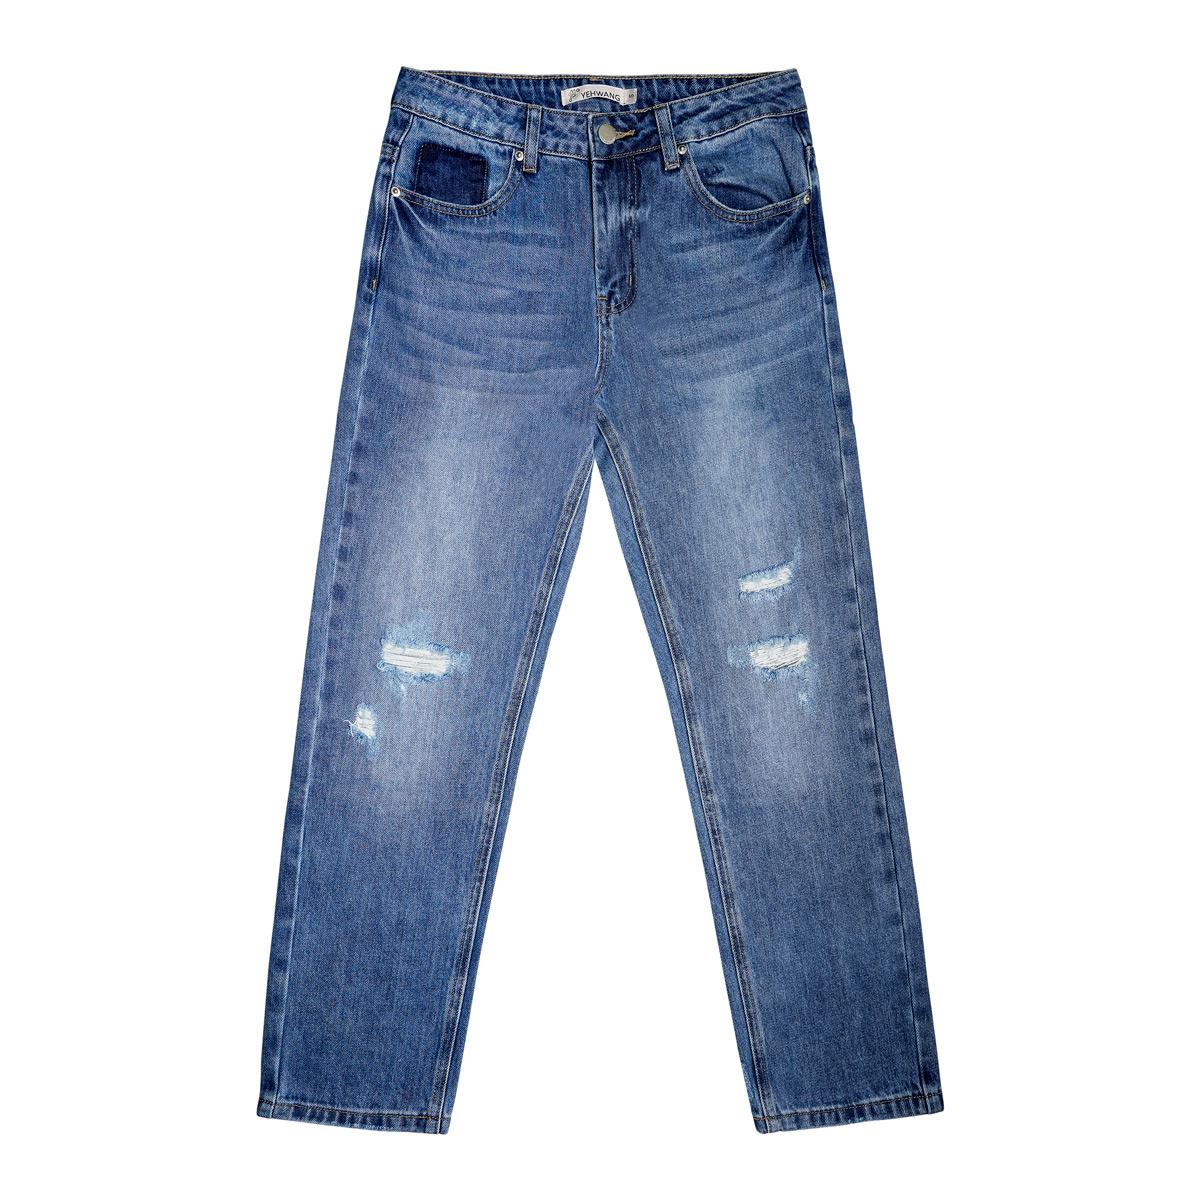 Knöchellange jeans mit verzweifelten details